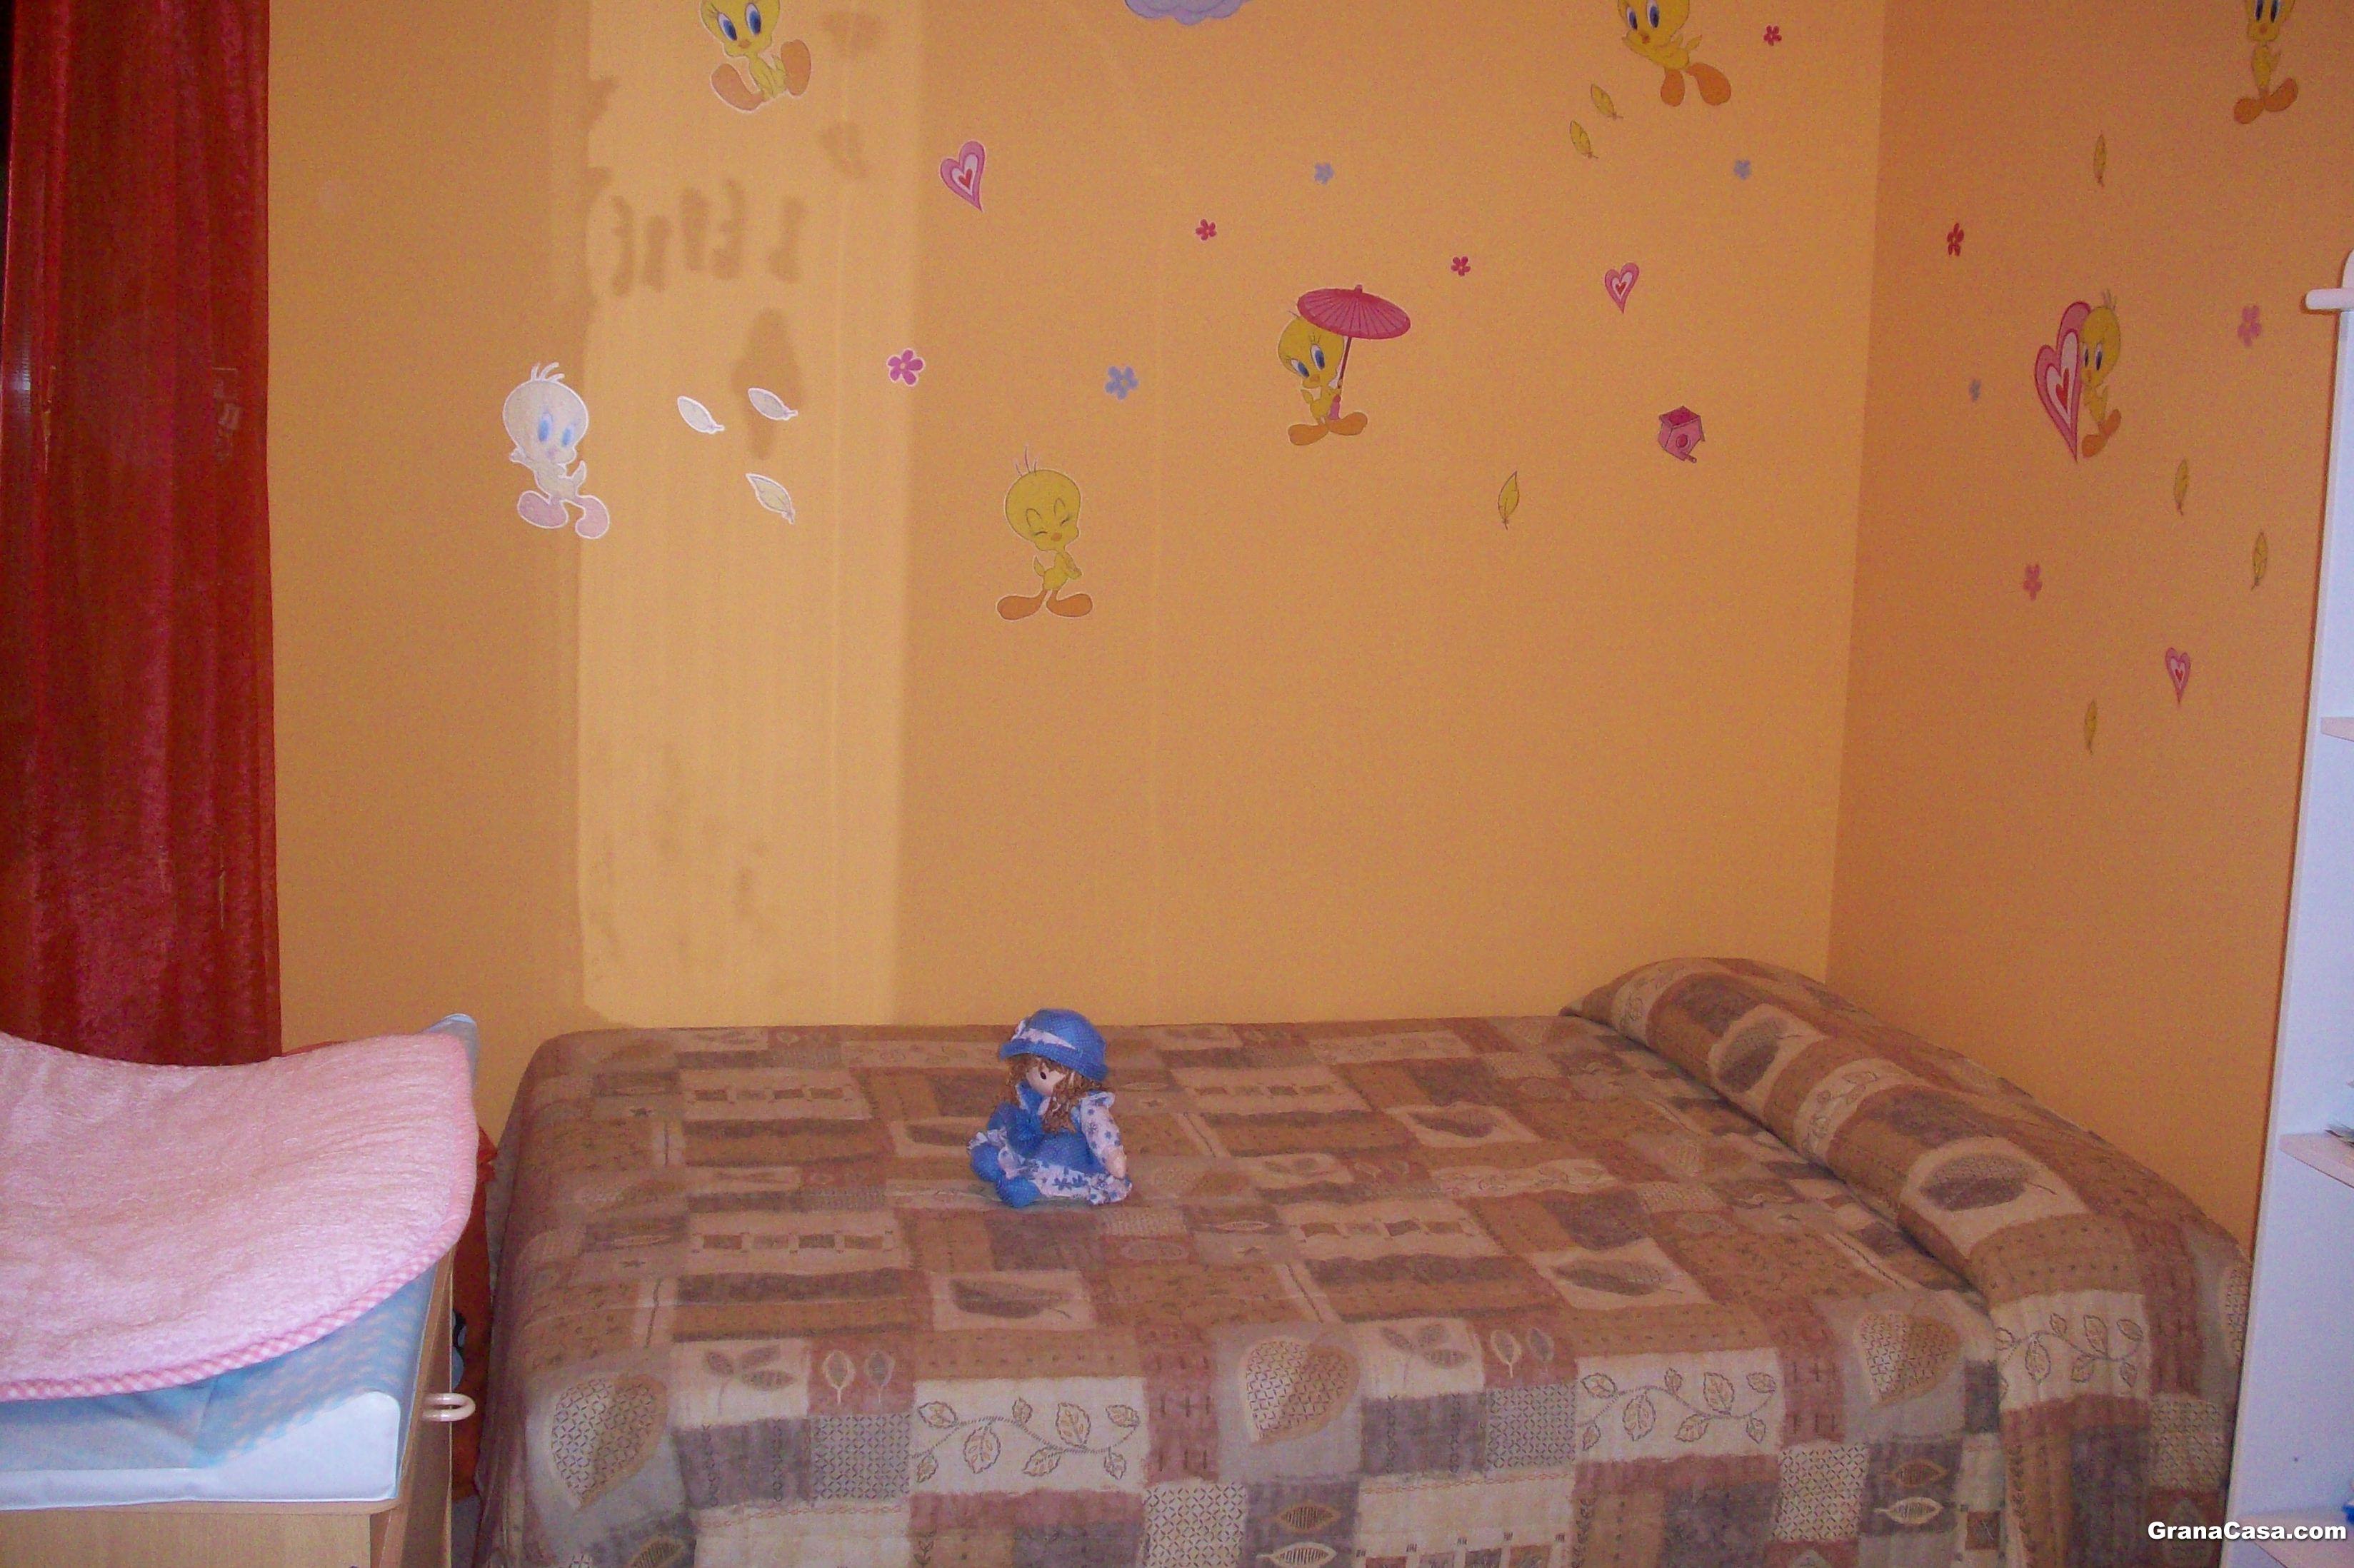 Alquiler piso en la zubia 2 dormitorios granacasagranacasa for Pisos alquiler la isleta